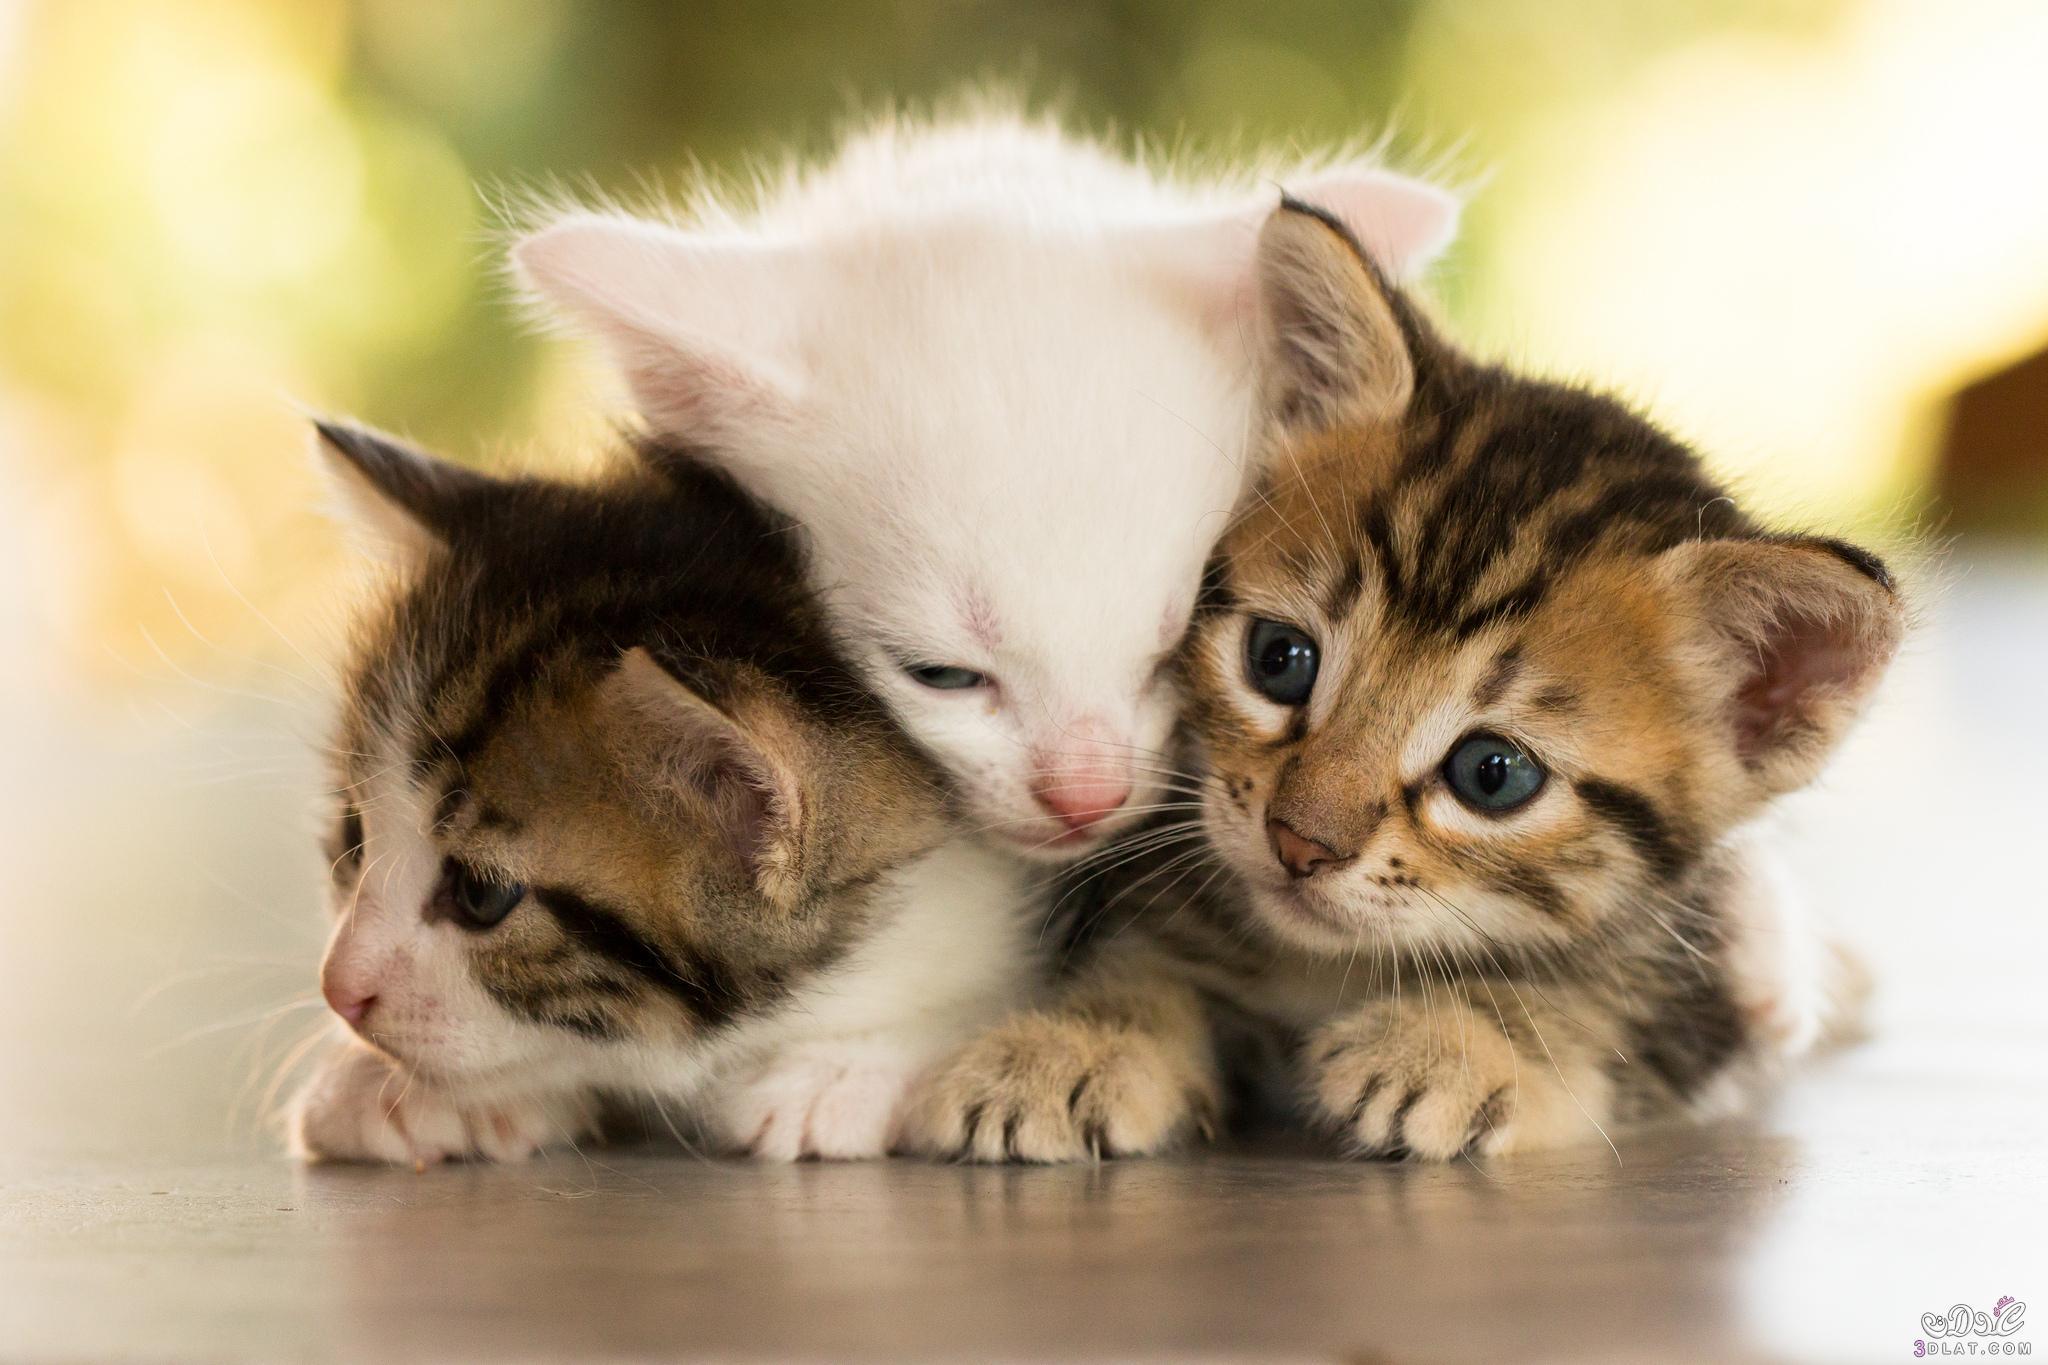 بالصور اجمل واروع القطط صور , قطط كيوت في العالم 42888 6